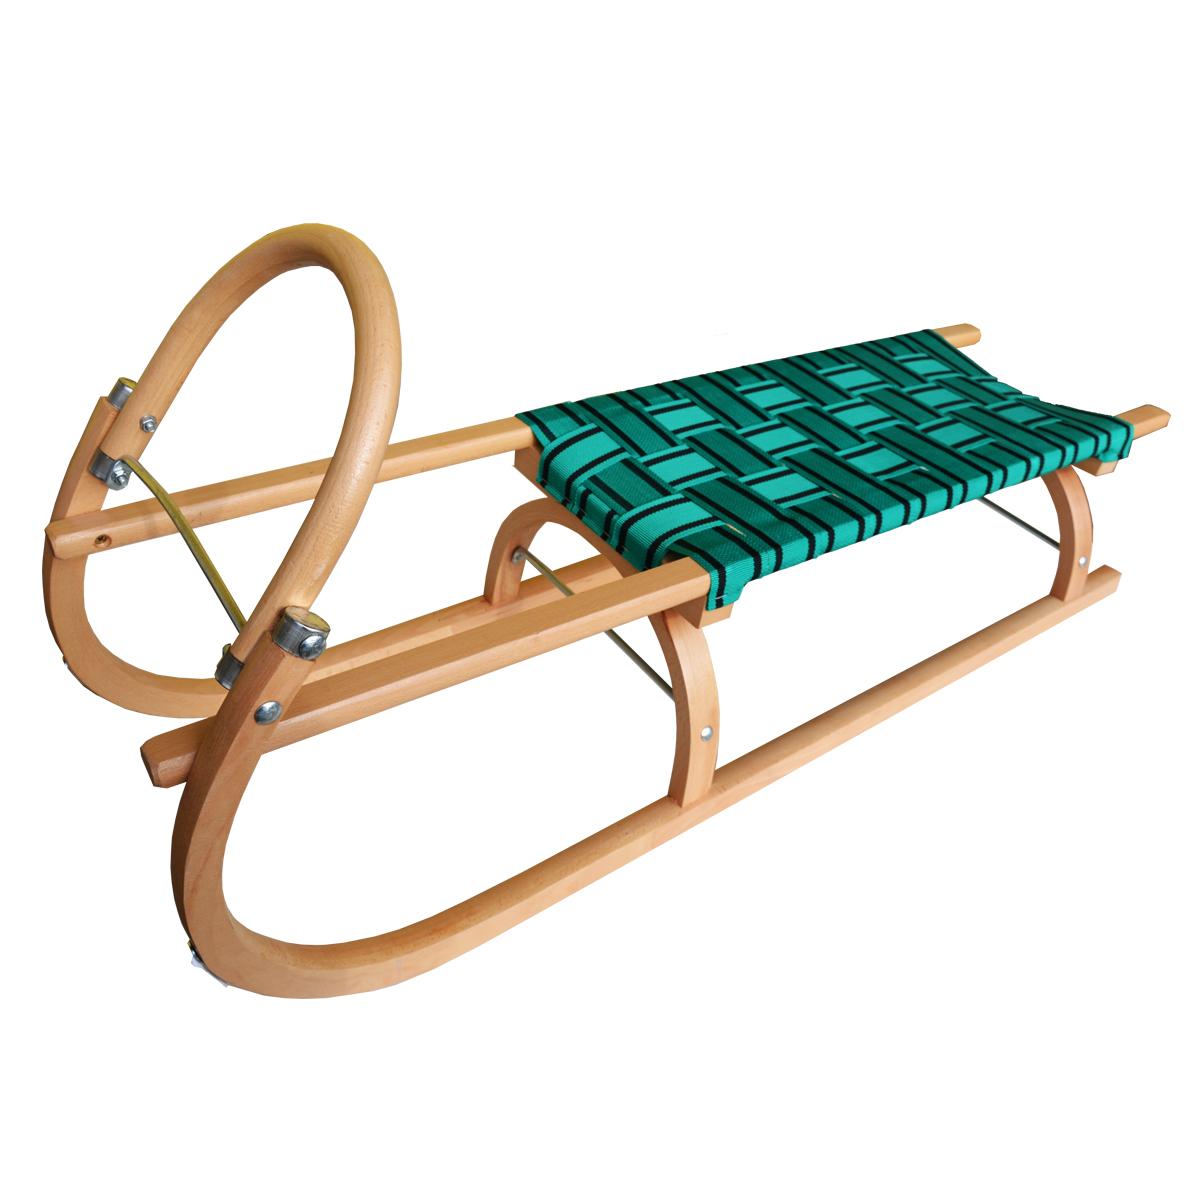 Sáně dřevěné SULOV délka 110 cm - zelené